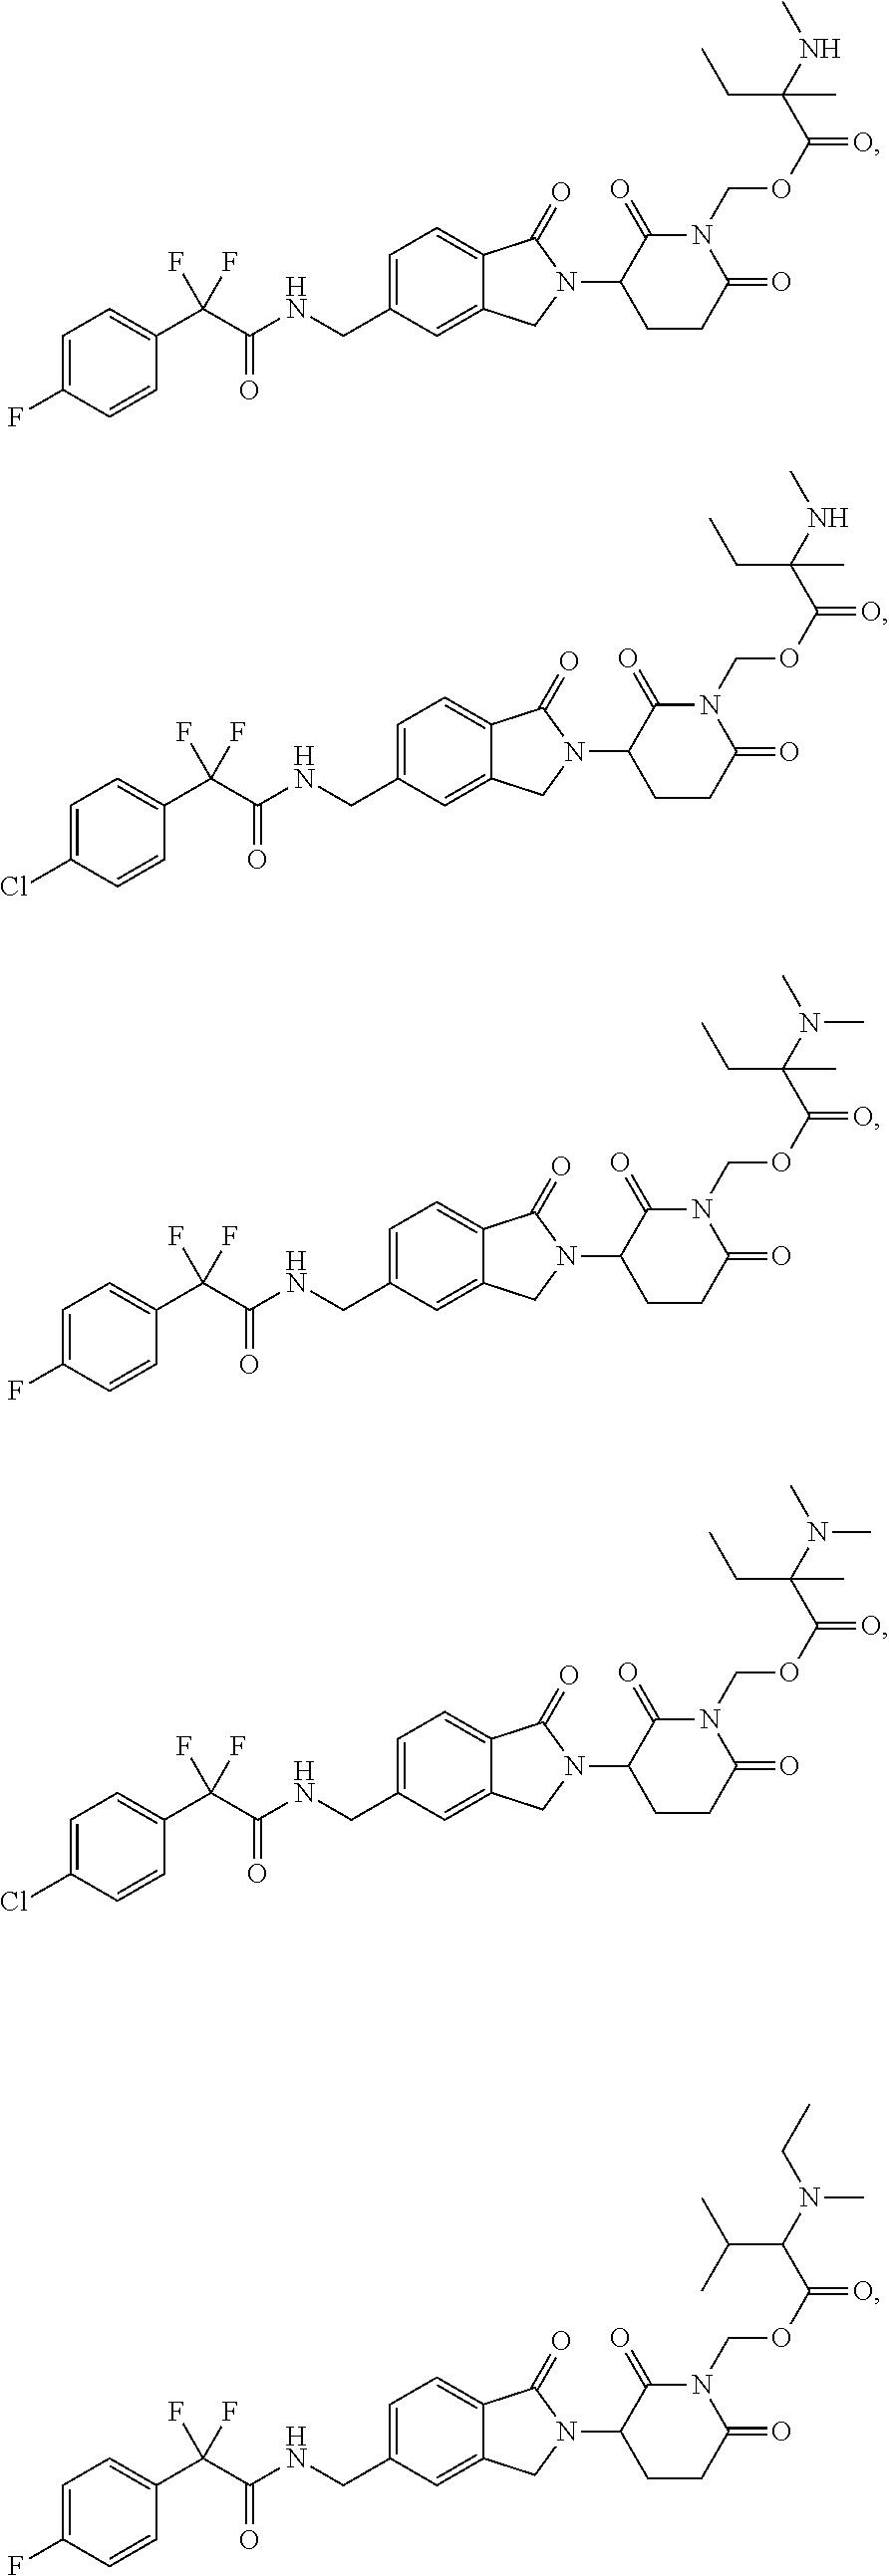 Figure US09938254-20180410-C00028